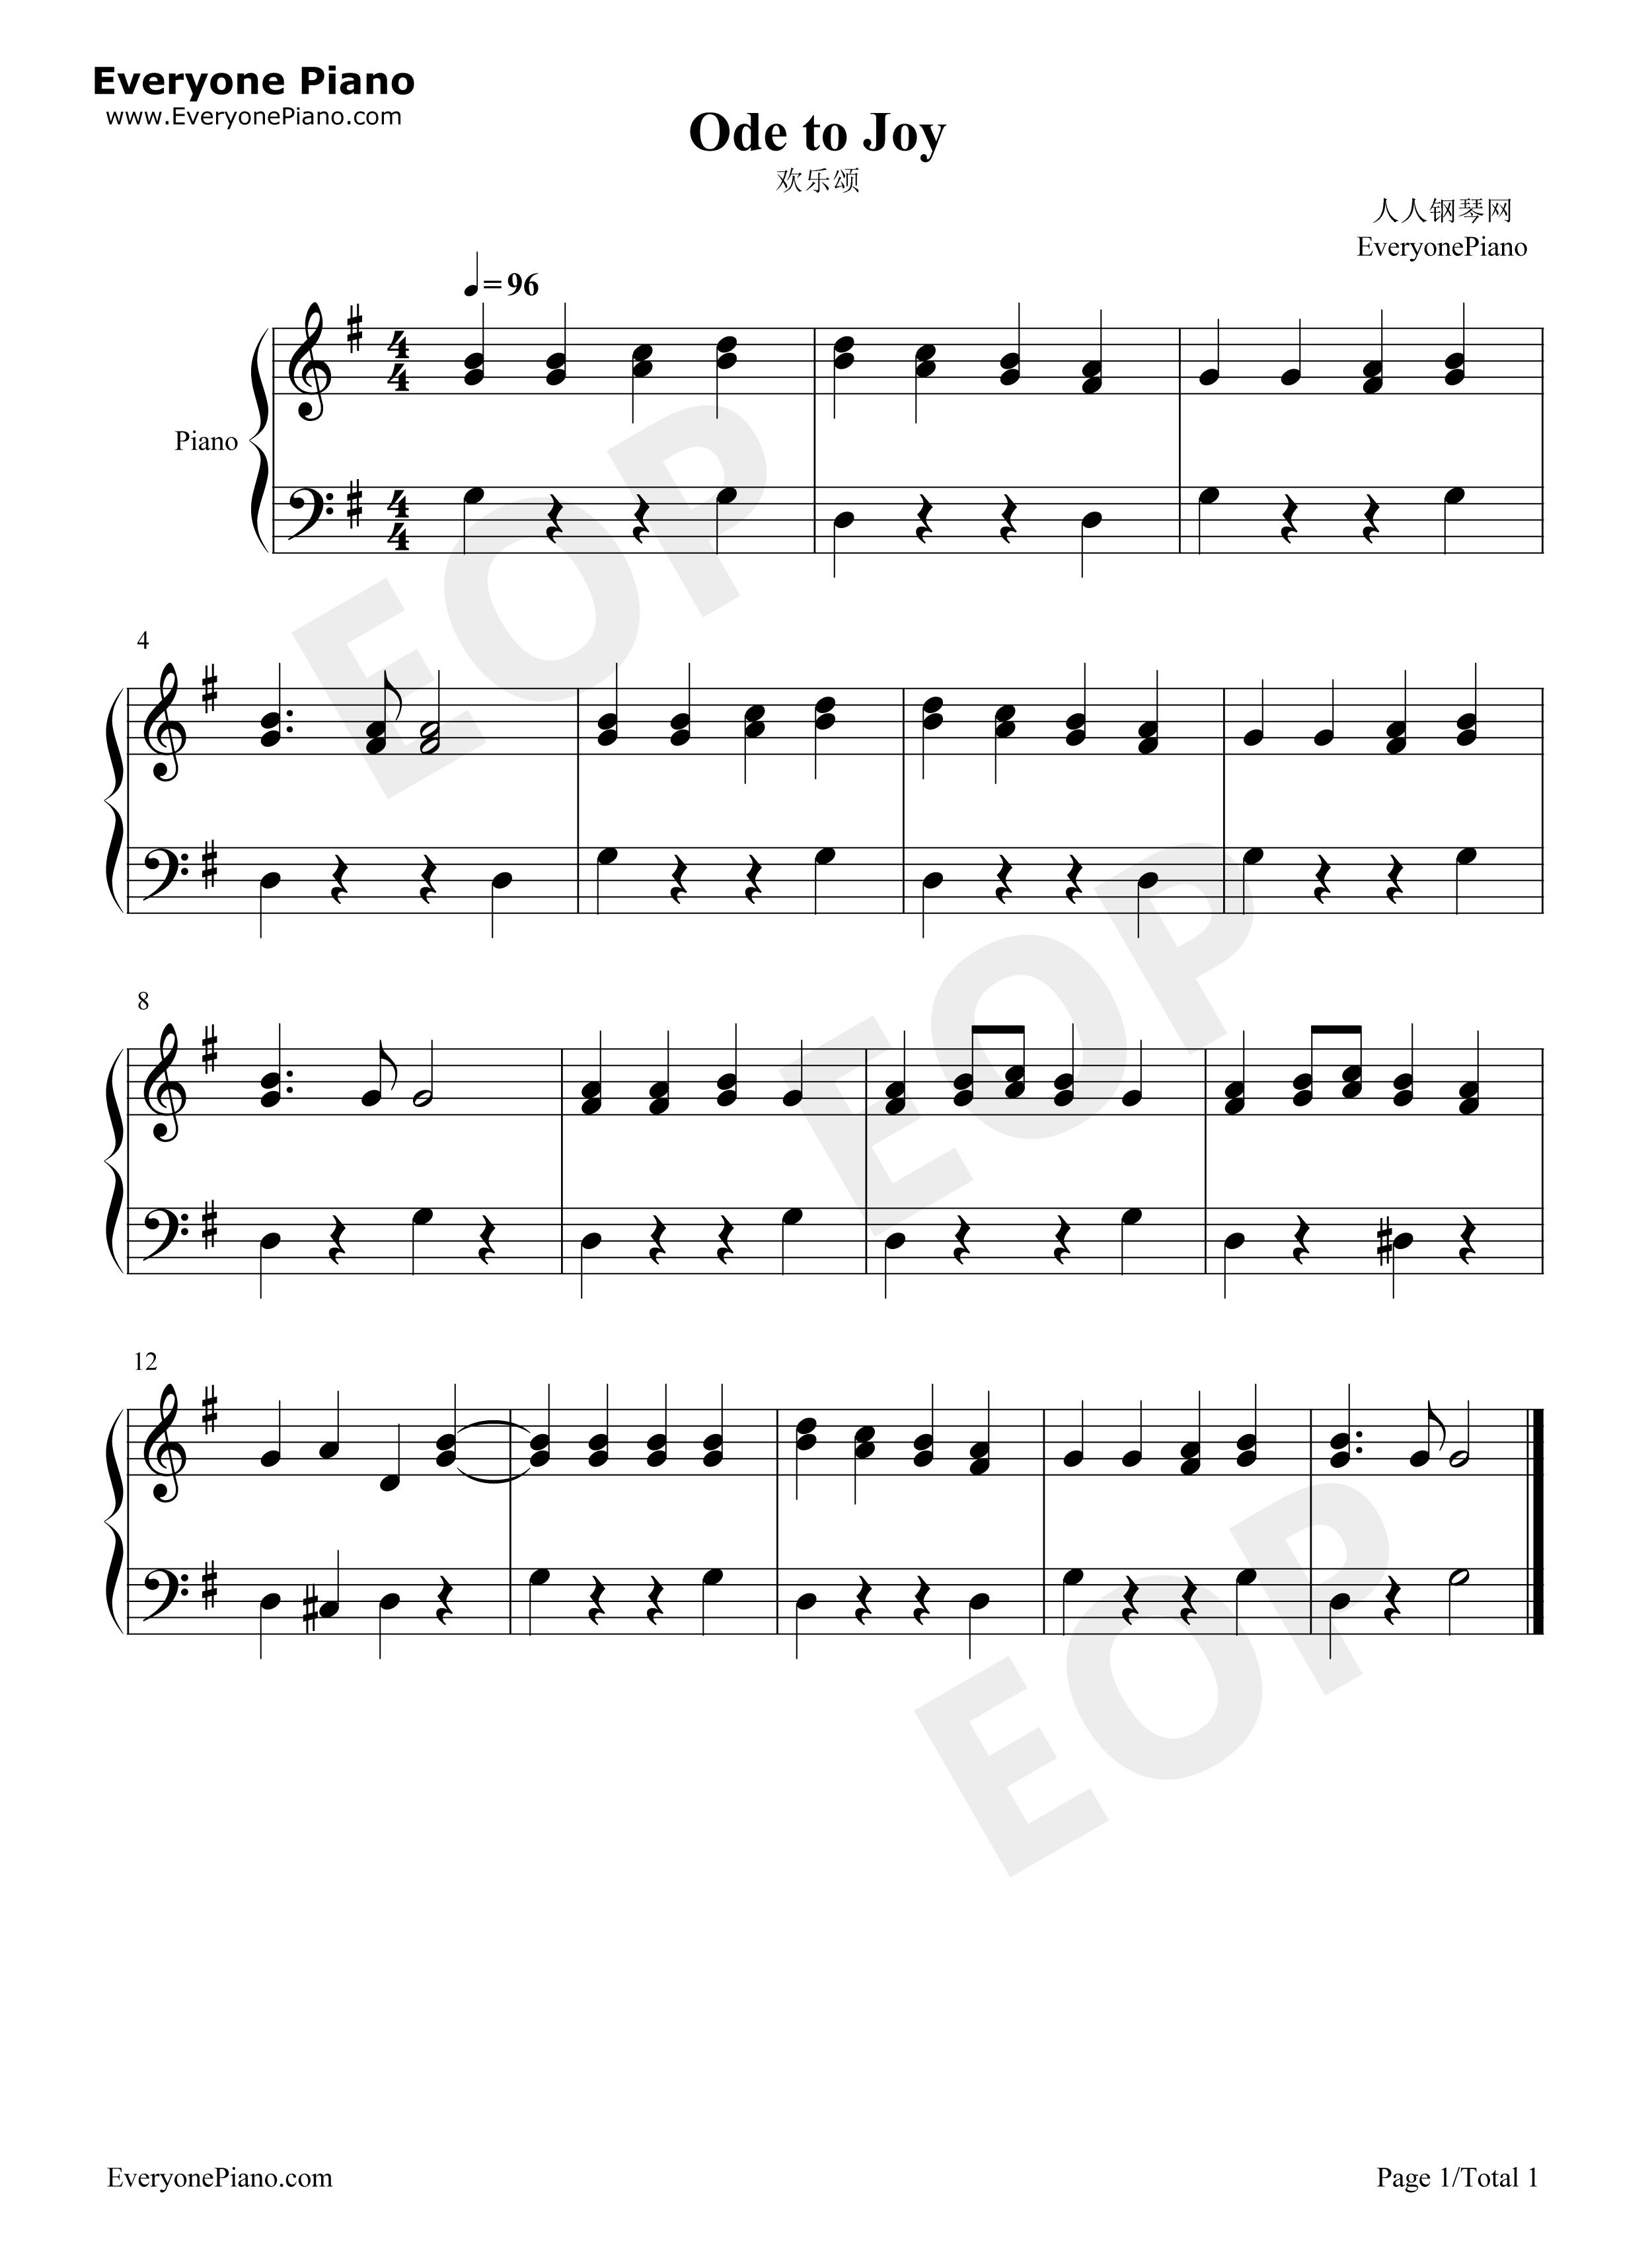 欢乐颂萨克斯中音五线谱